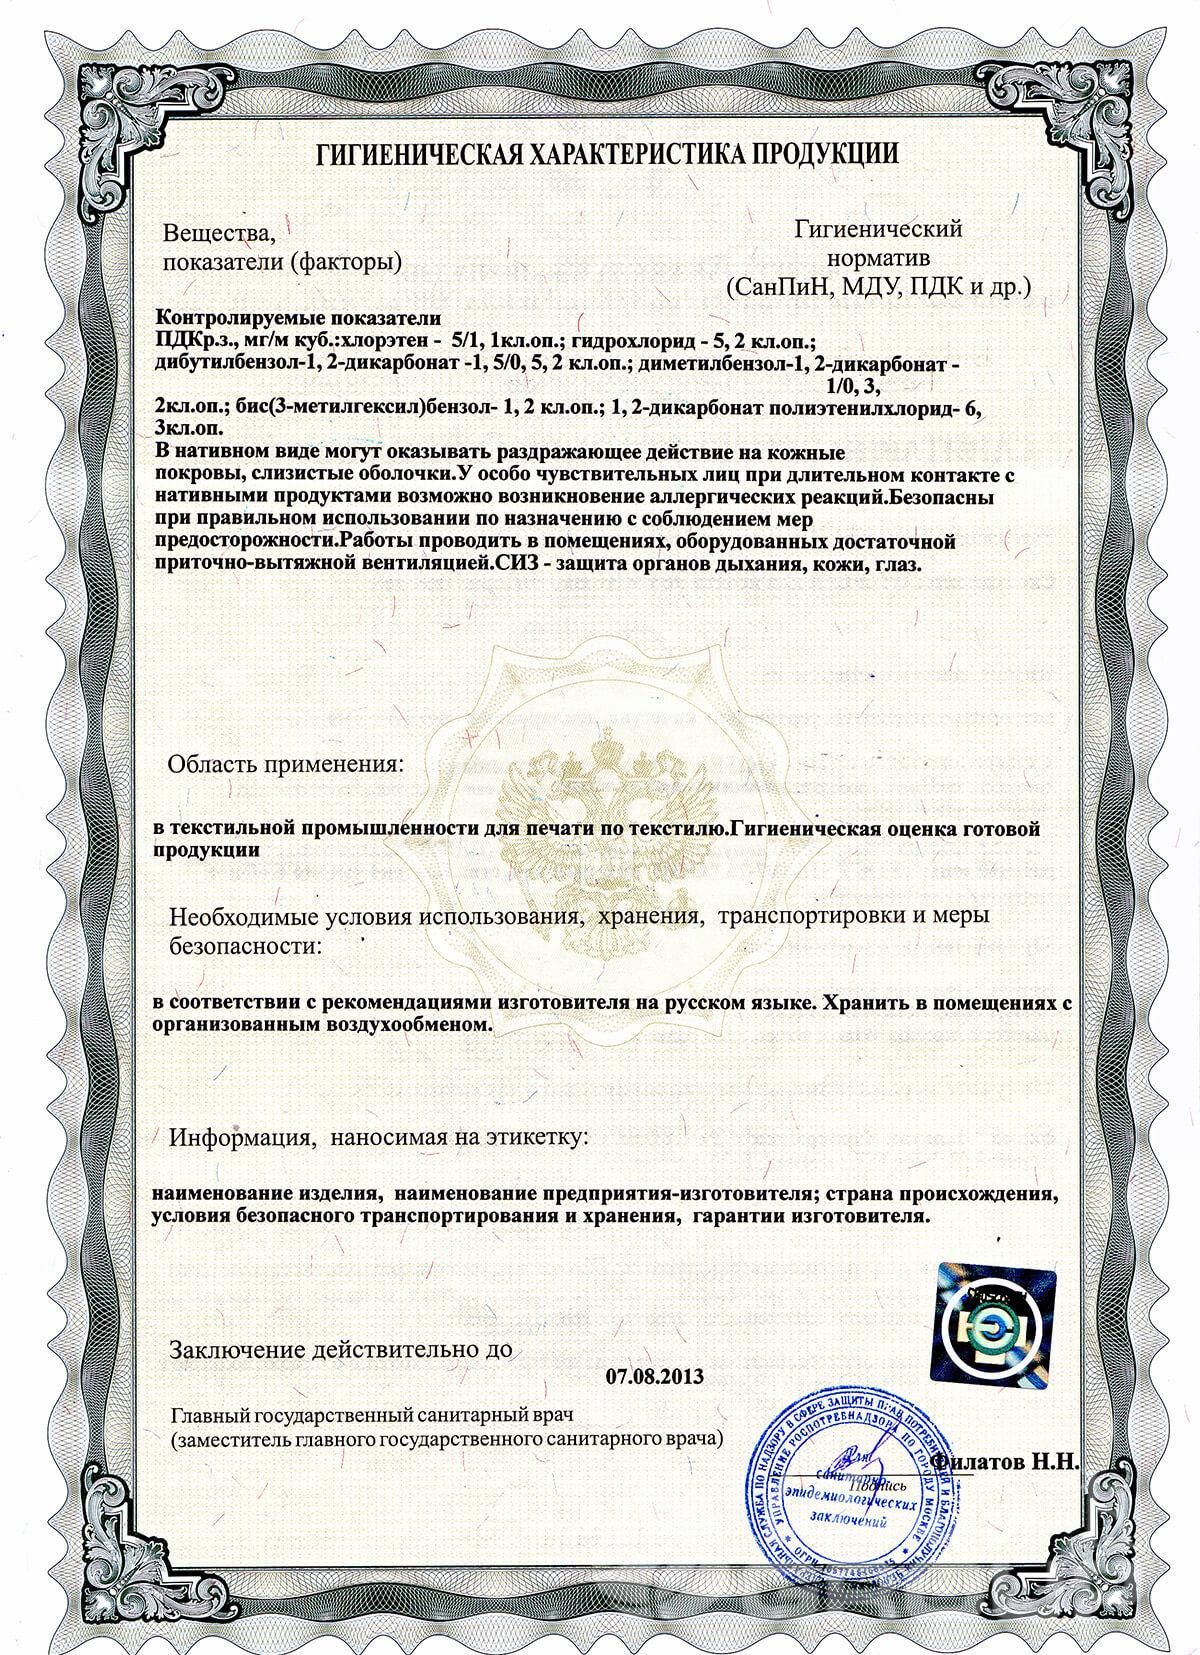 Декларации и лицензии – гарантия безопасности и качества